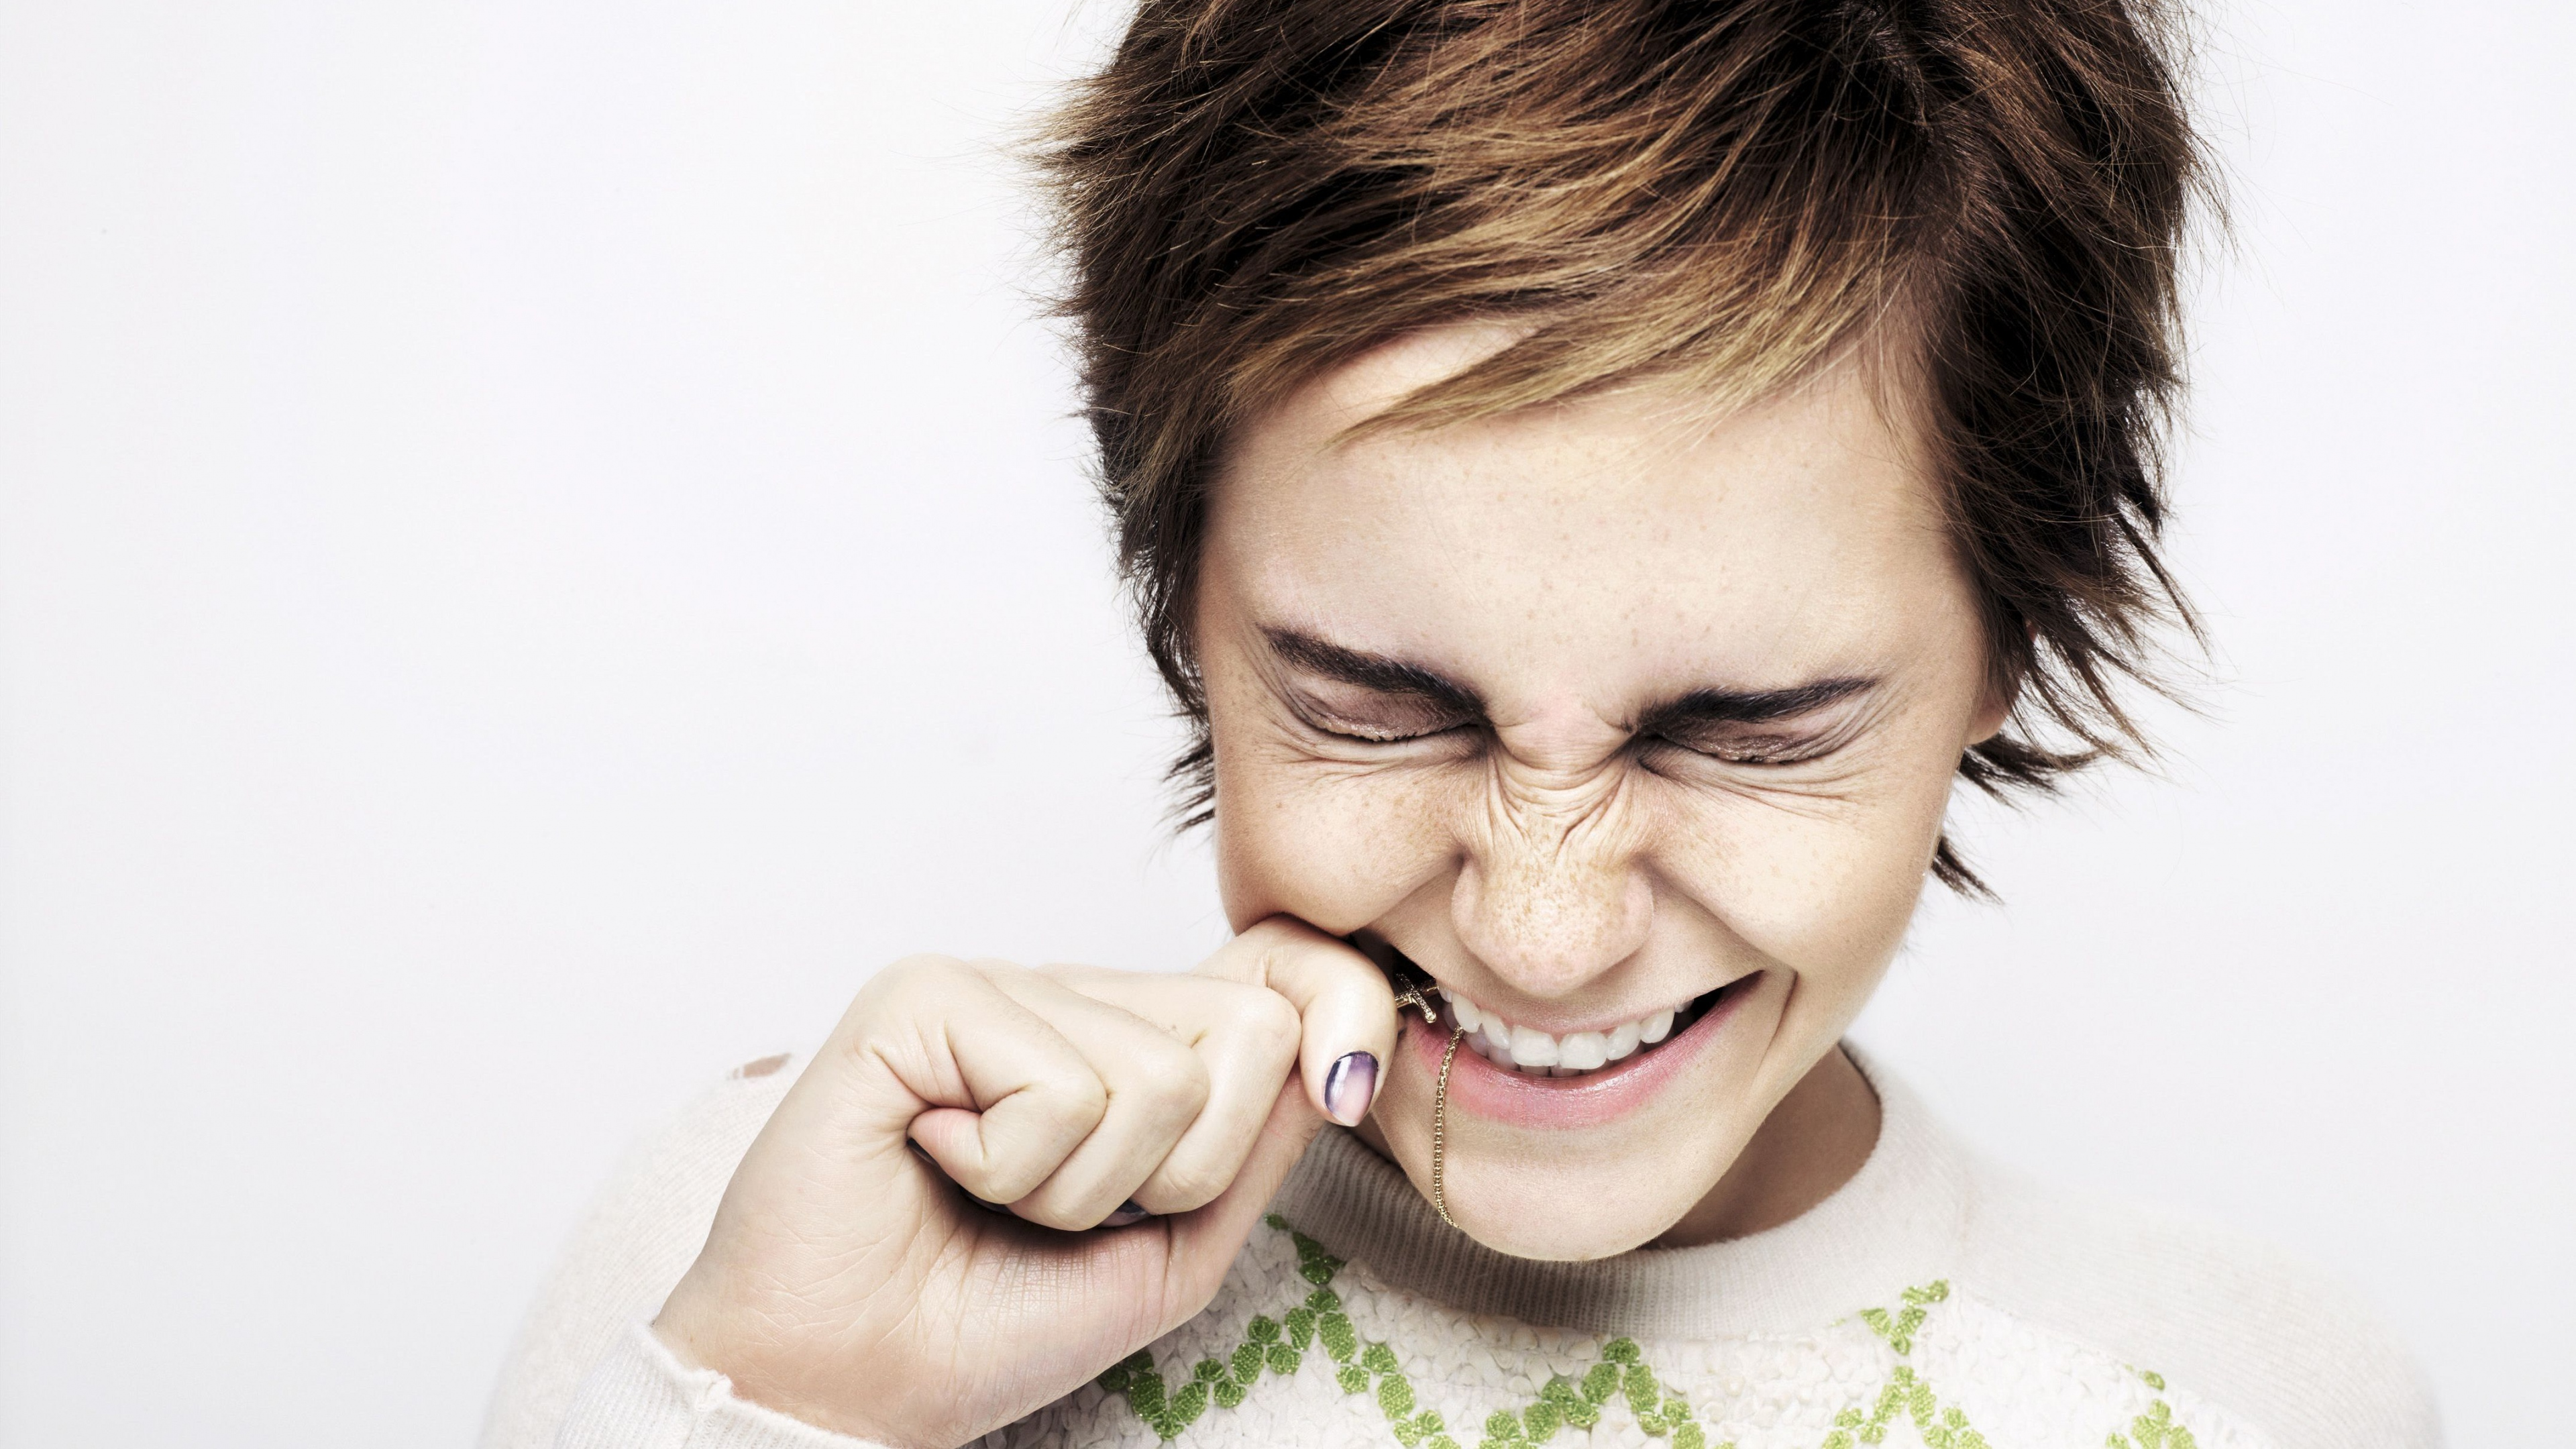 emma watson 4 1536855700 - Emma Watson 4 - girls wallpapers, emma watson wallpapers, celebrities wallpapers